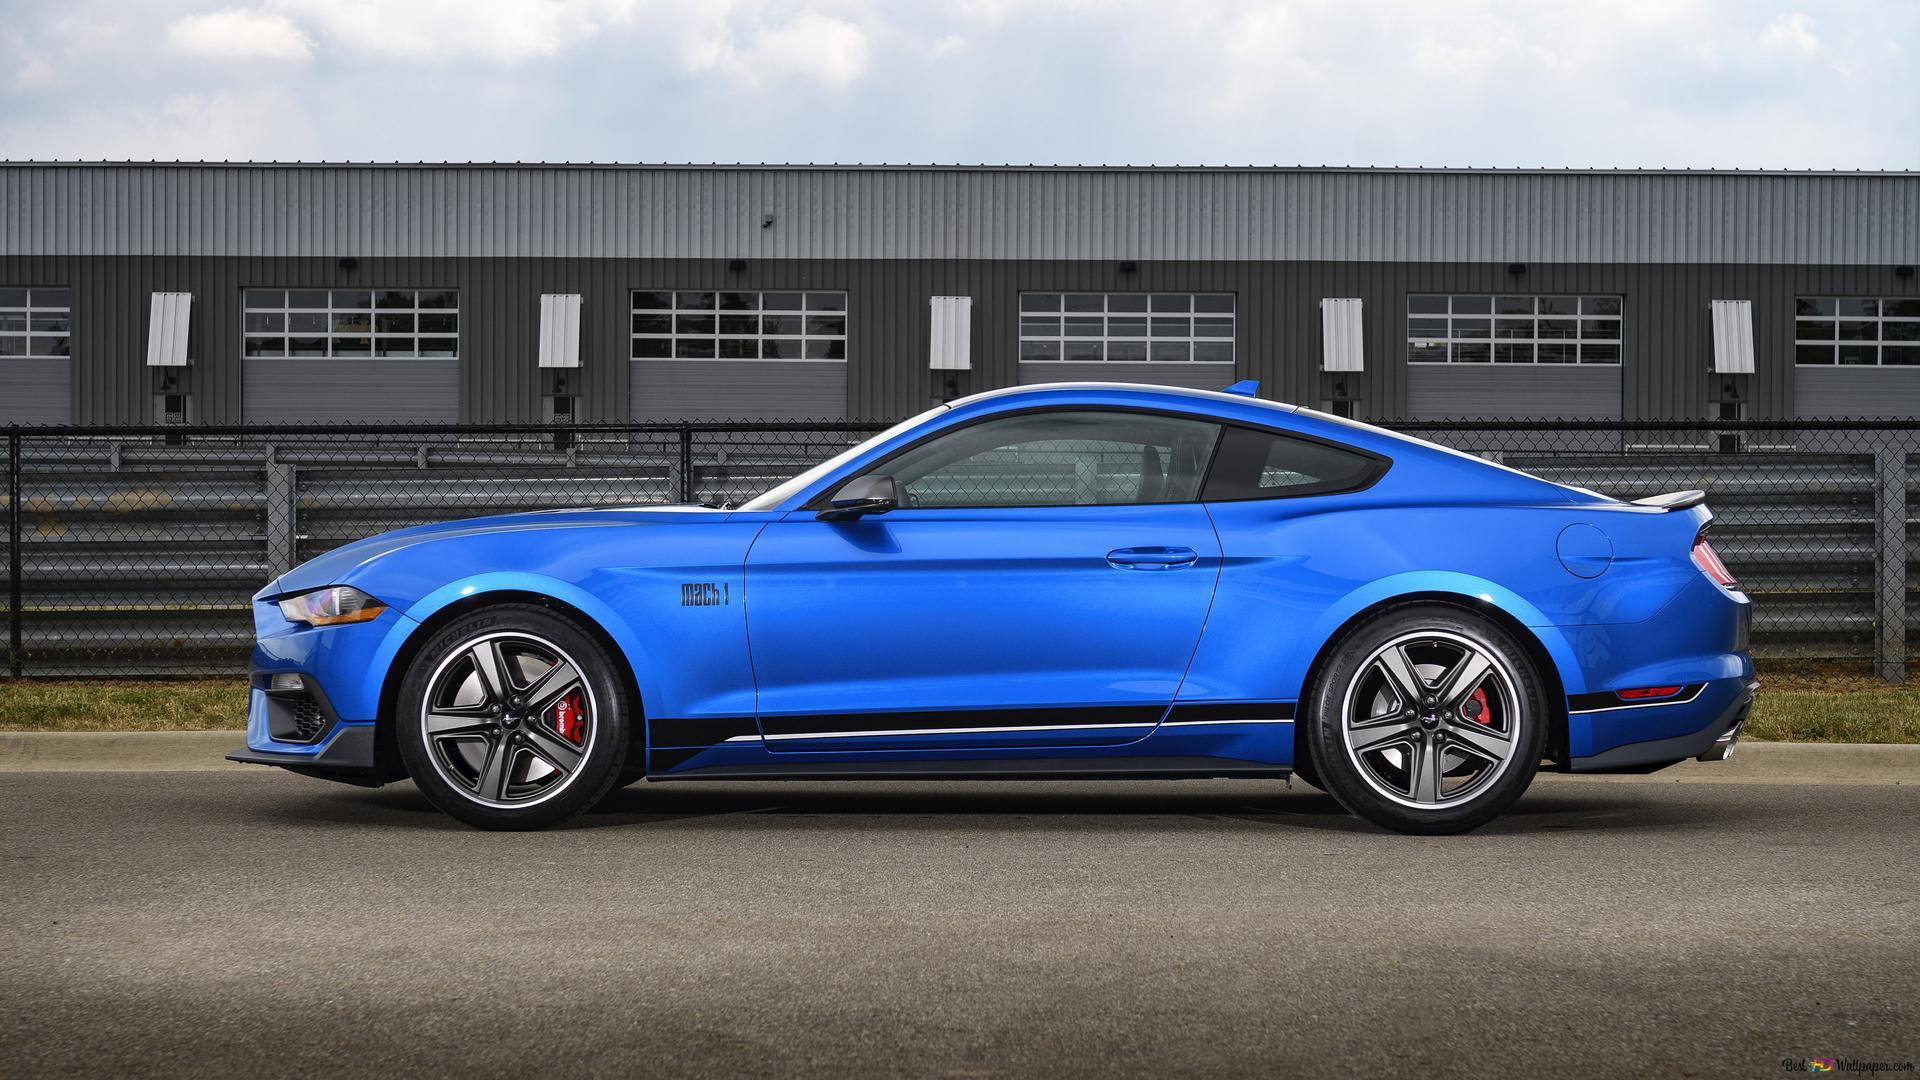 2021 Ford Mustang Mach 1 03 Unduhan Wallpaper Hd